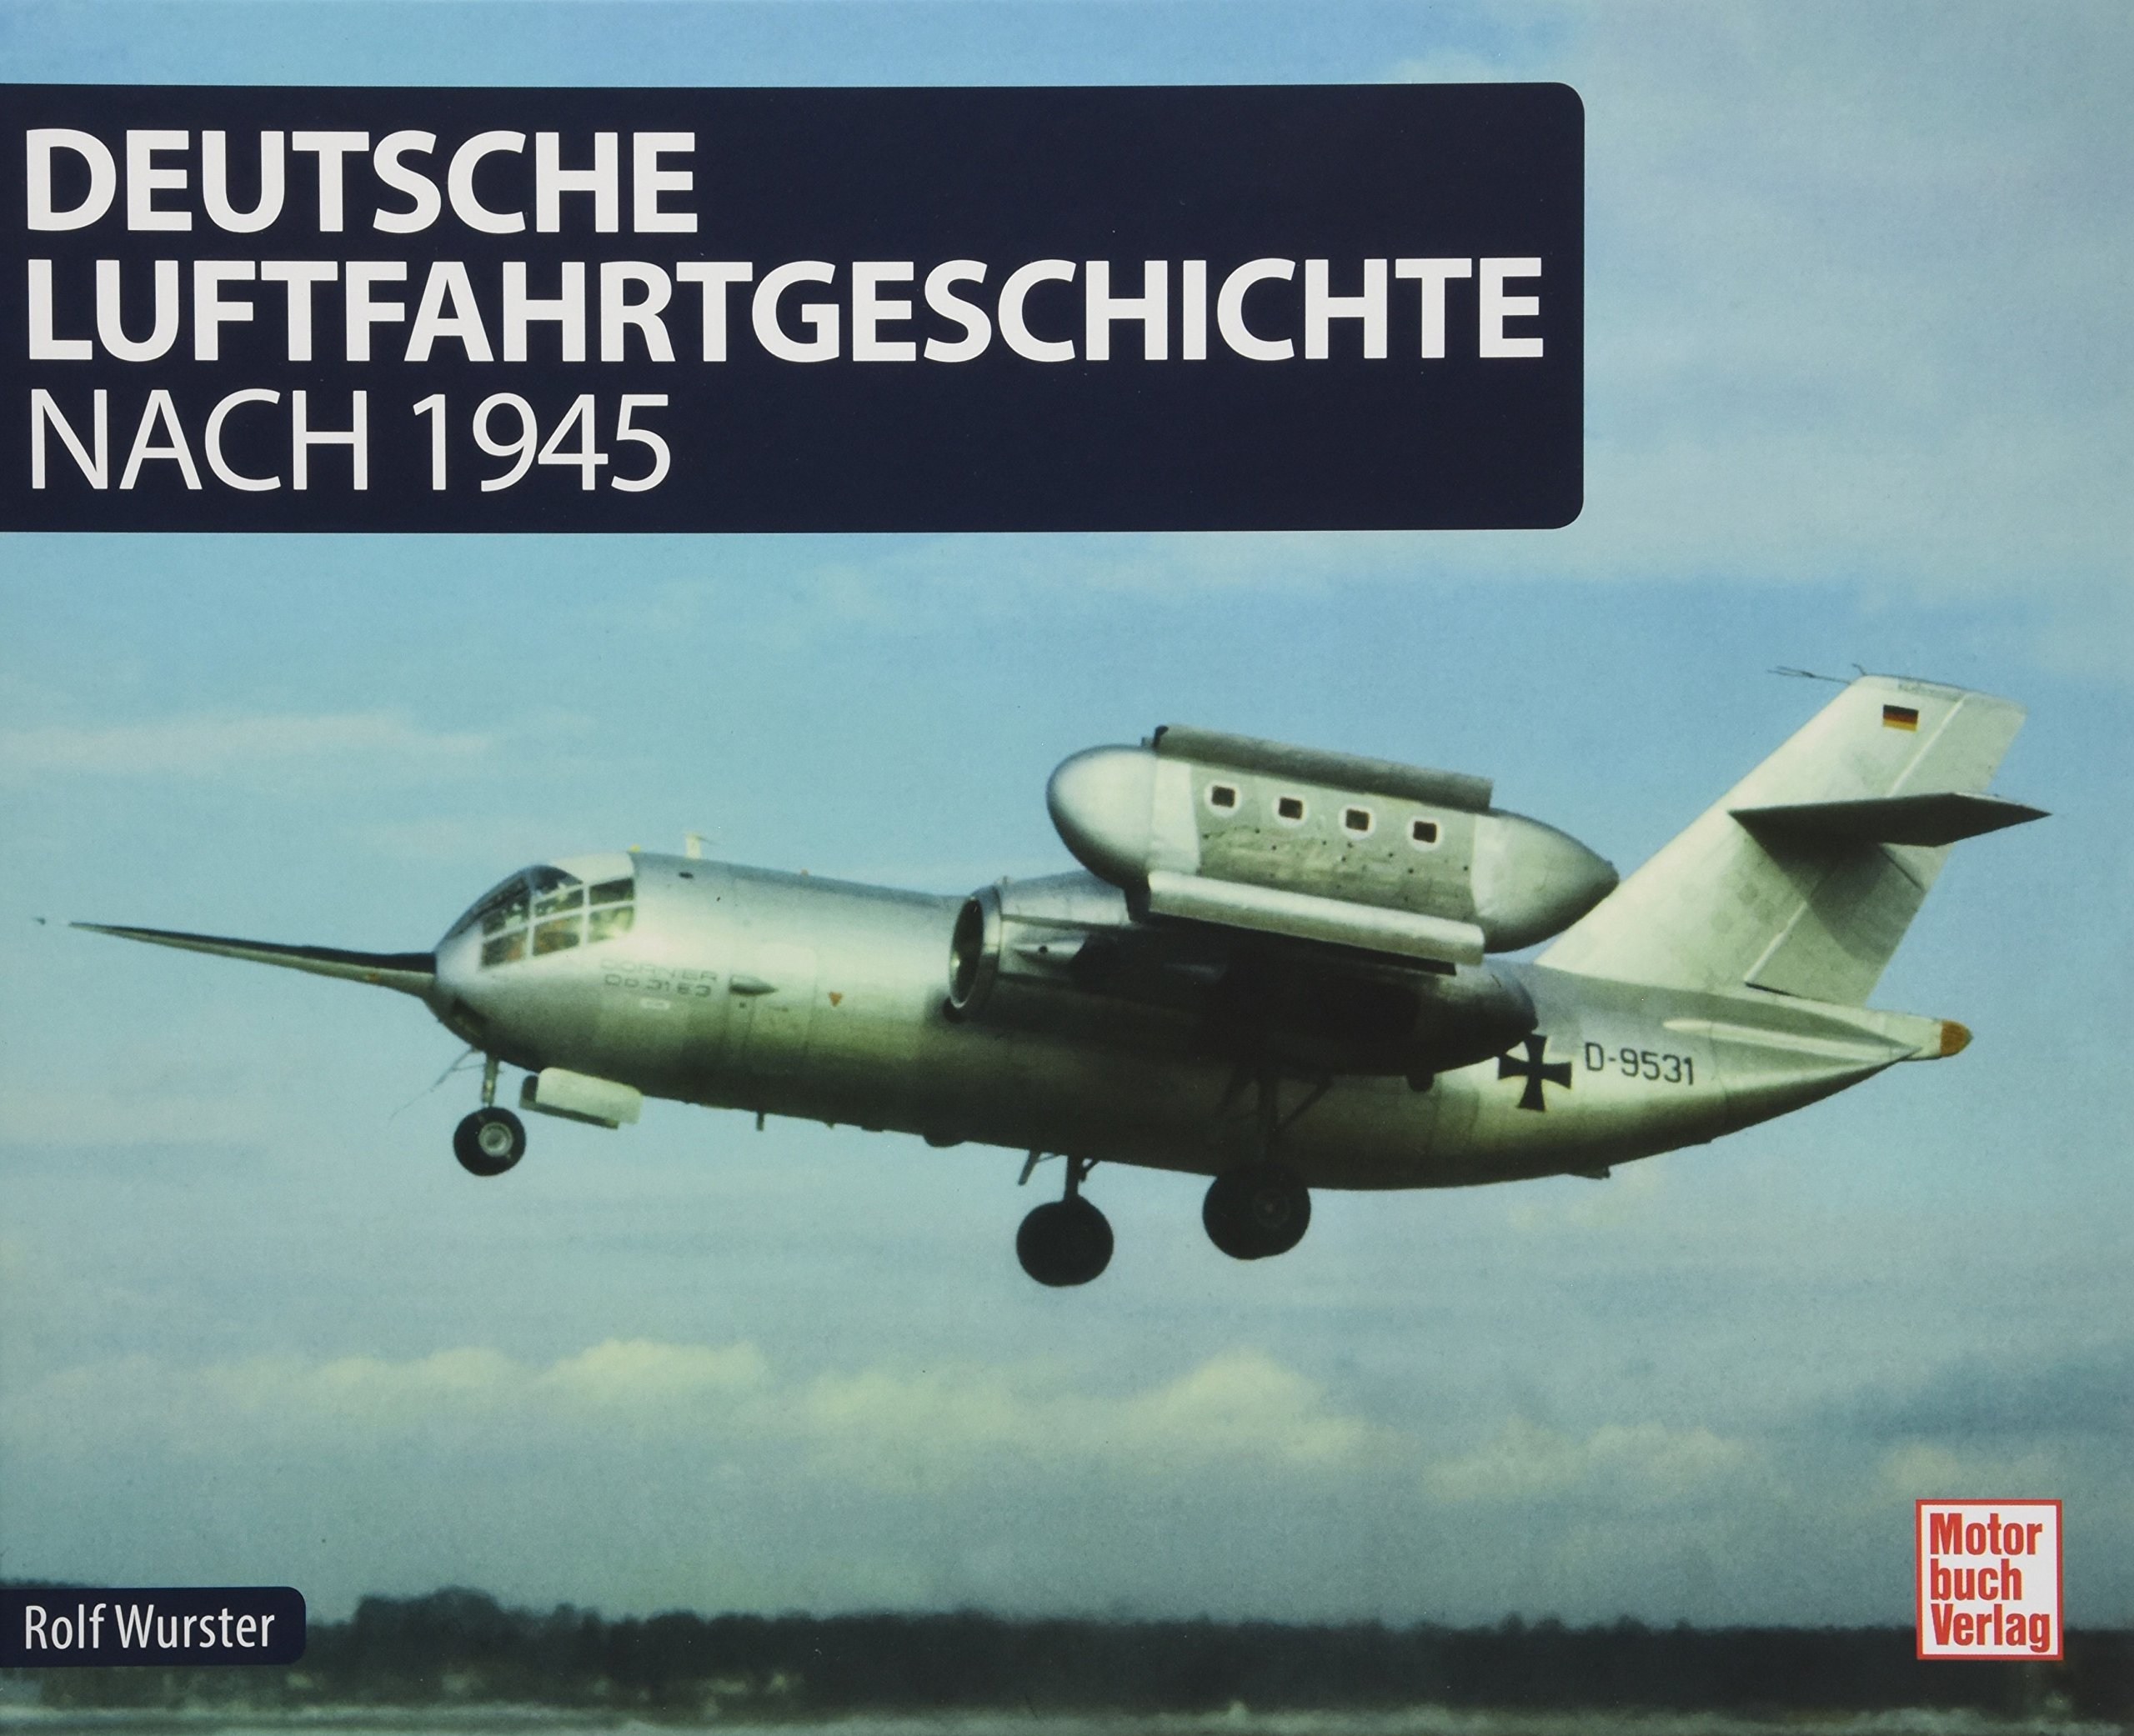 Deutsche Luftfahrtgeschichte: nach 1945